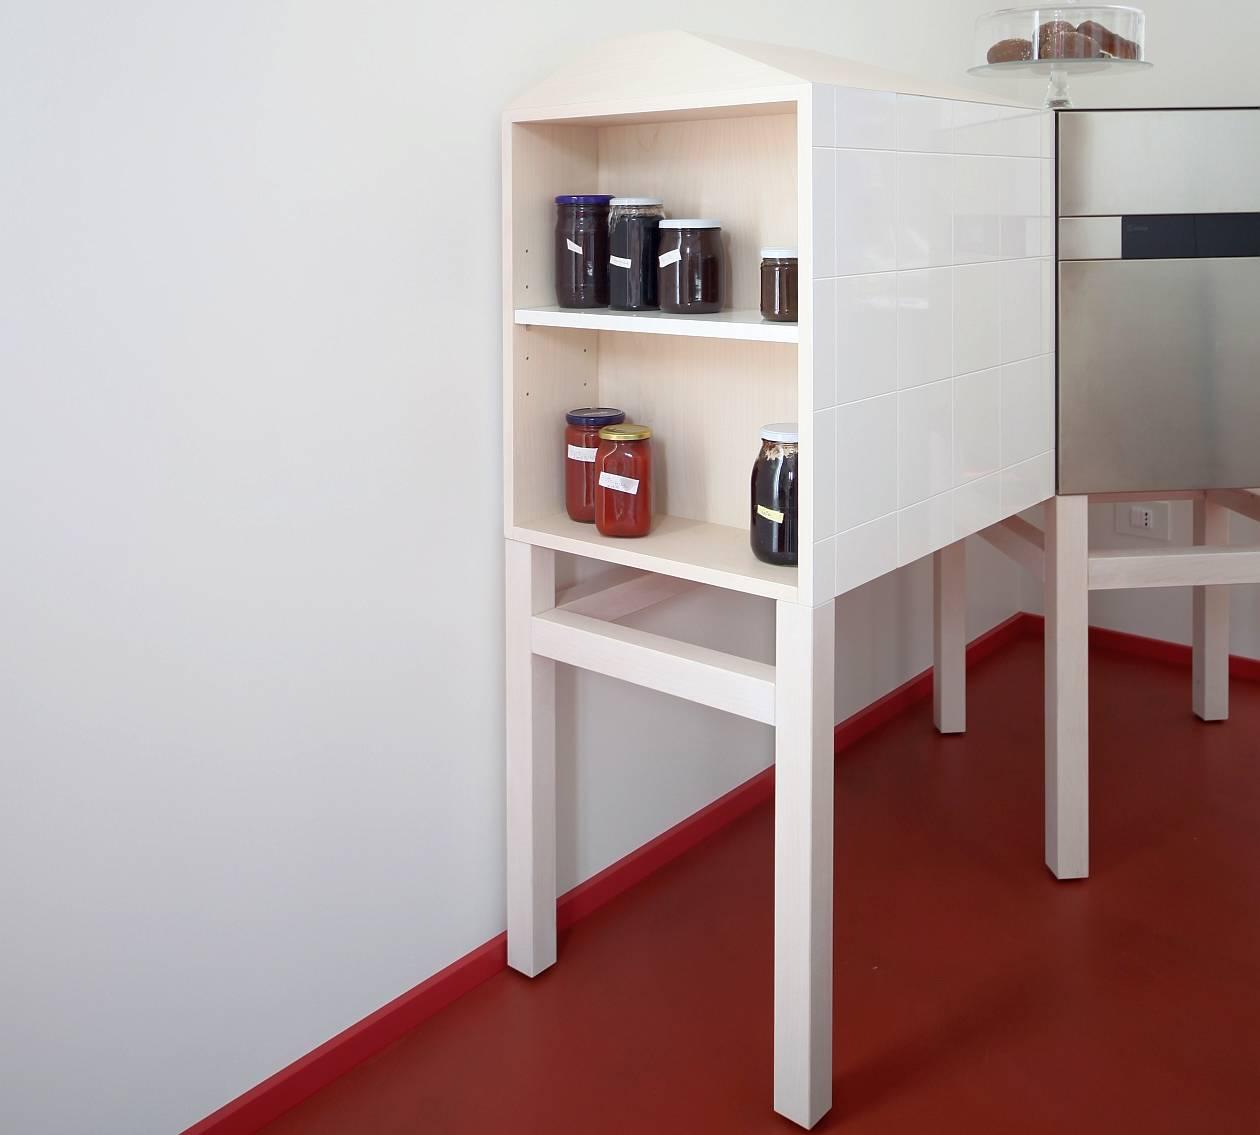 A bari soluzioni e materiali su misura ambiente cucina - Abbattitore per casa ...